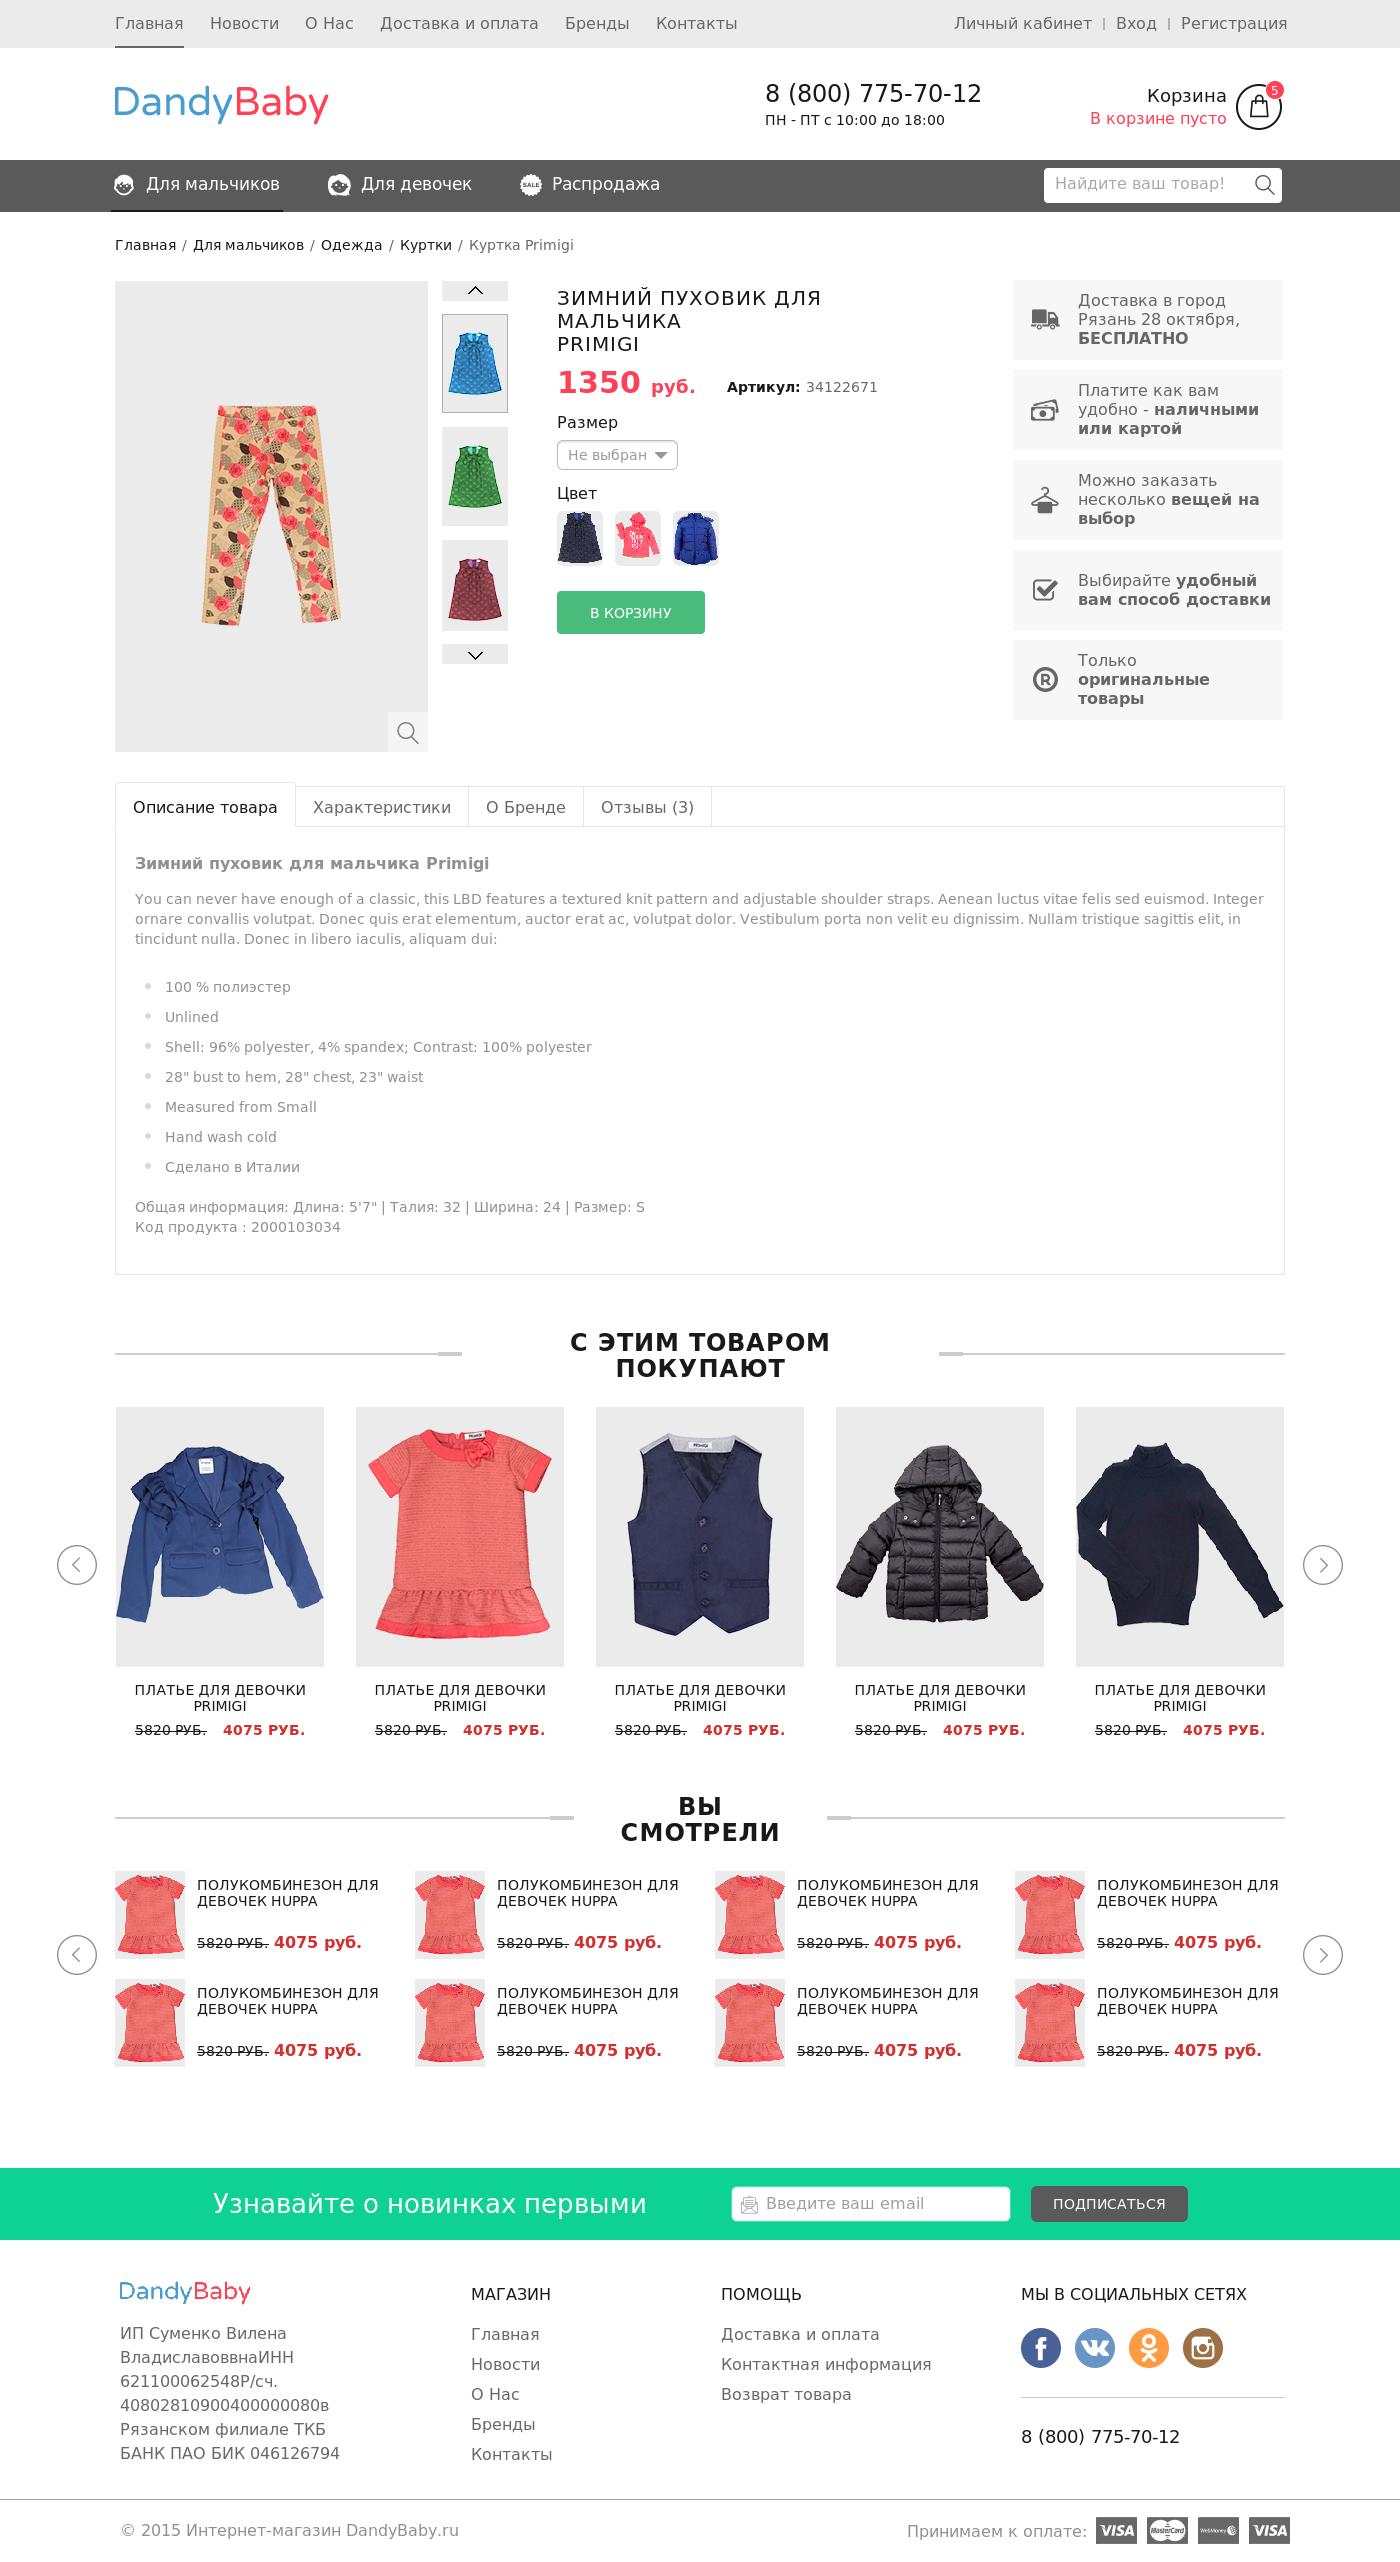 Dandybaby - Адаптивная верстка интернет магазина одежды для детей